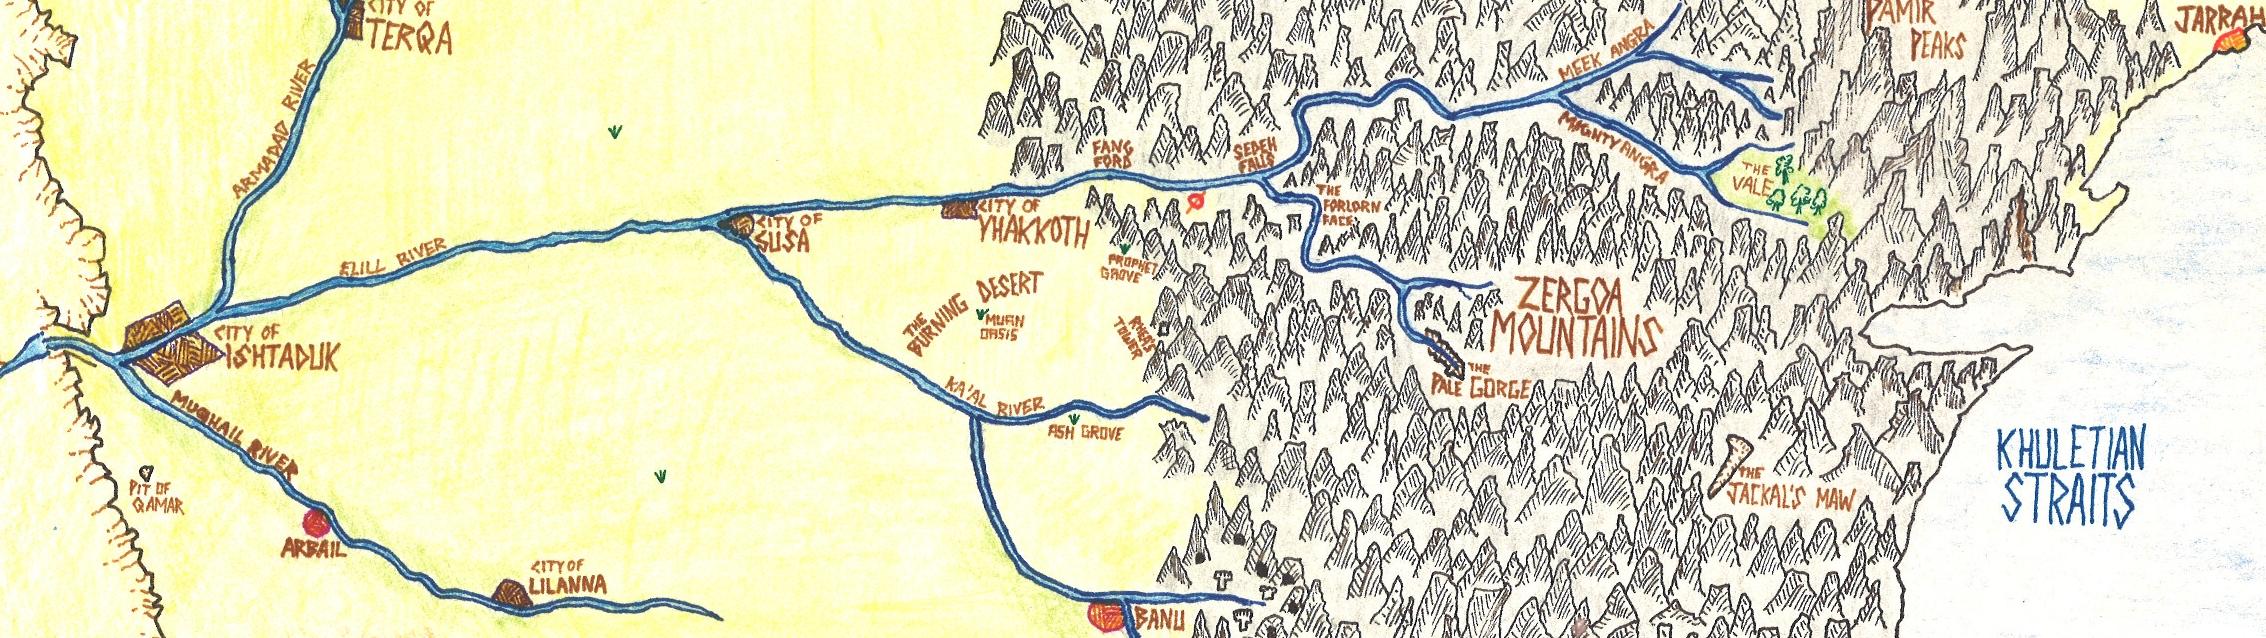 The city states of ishtaduk